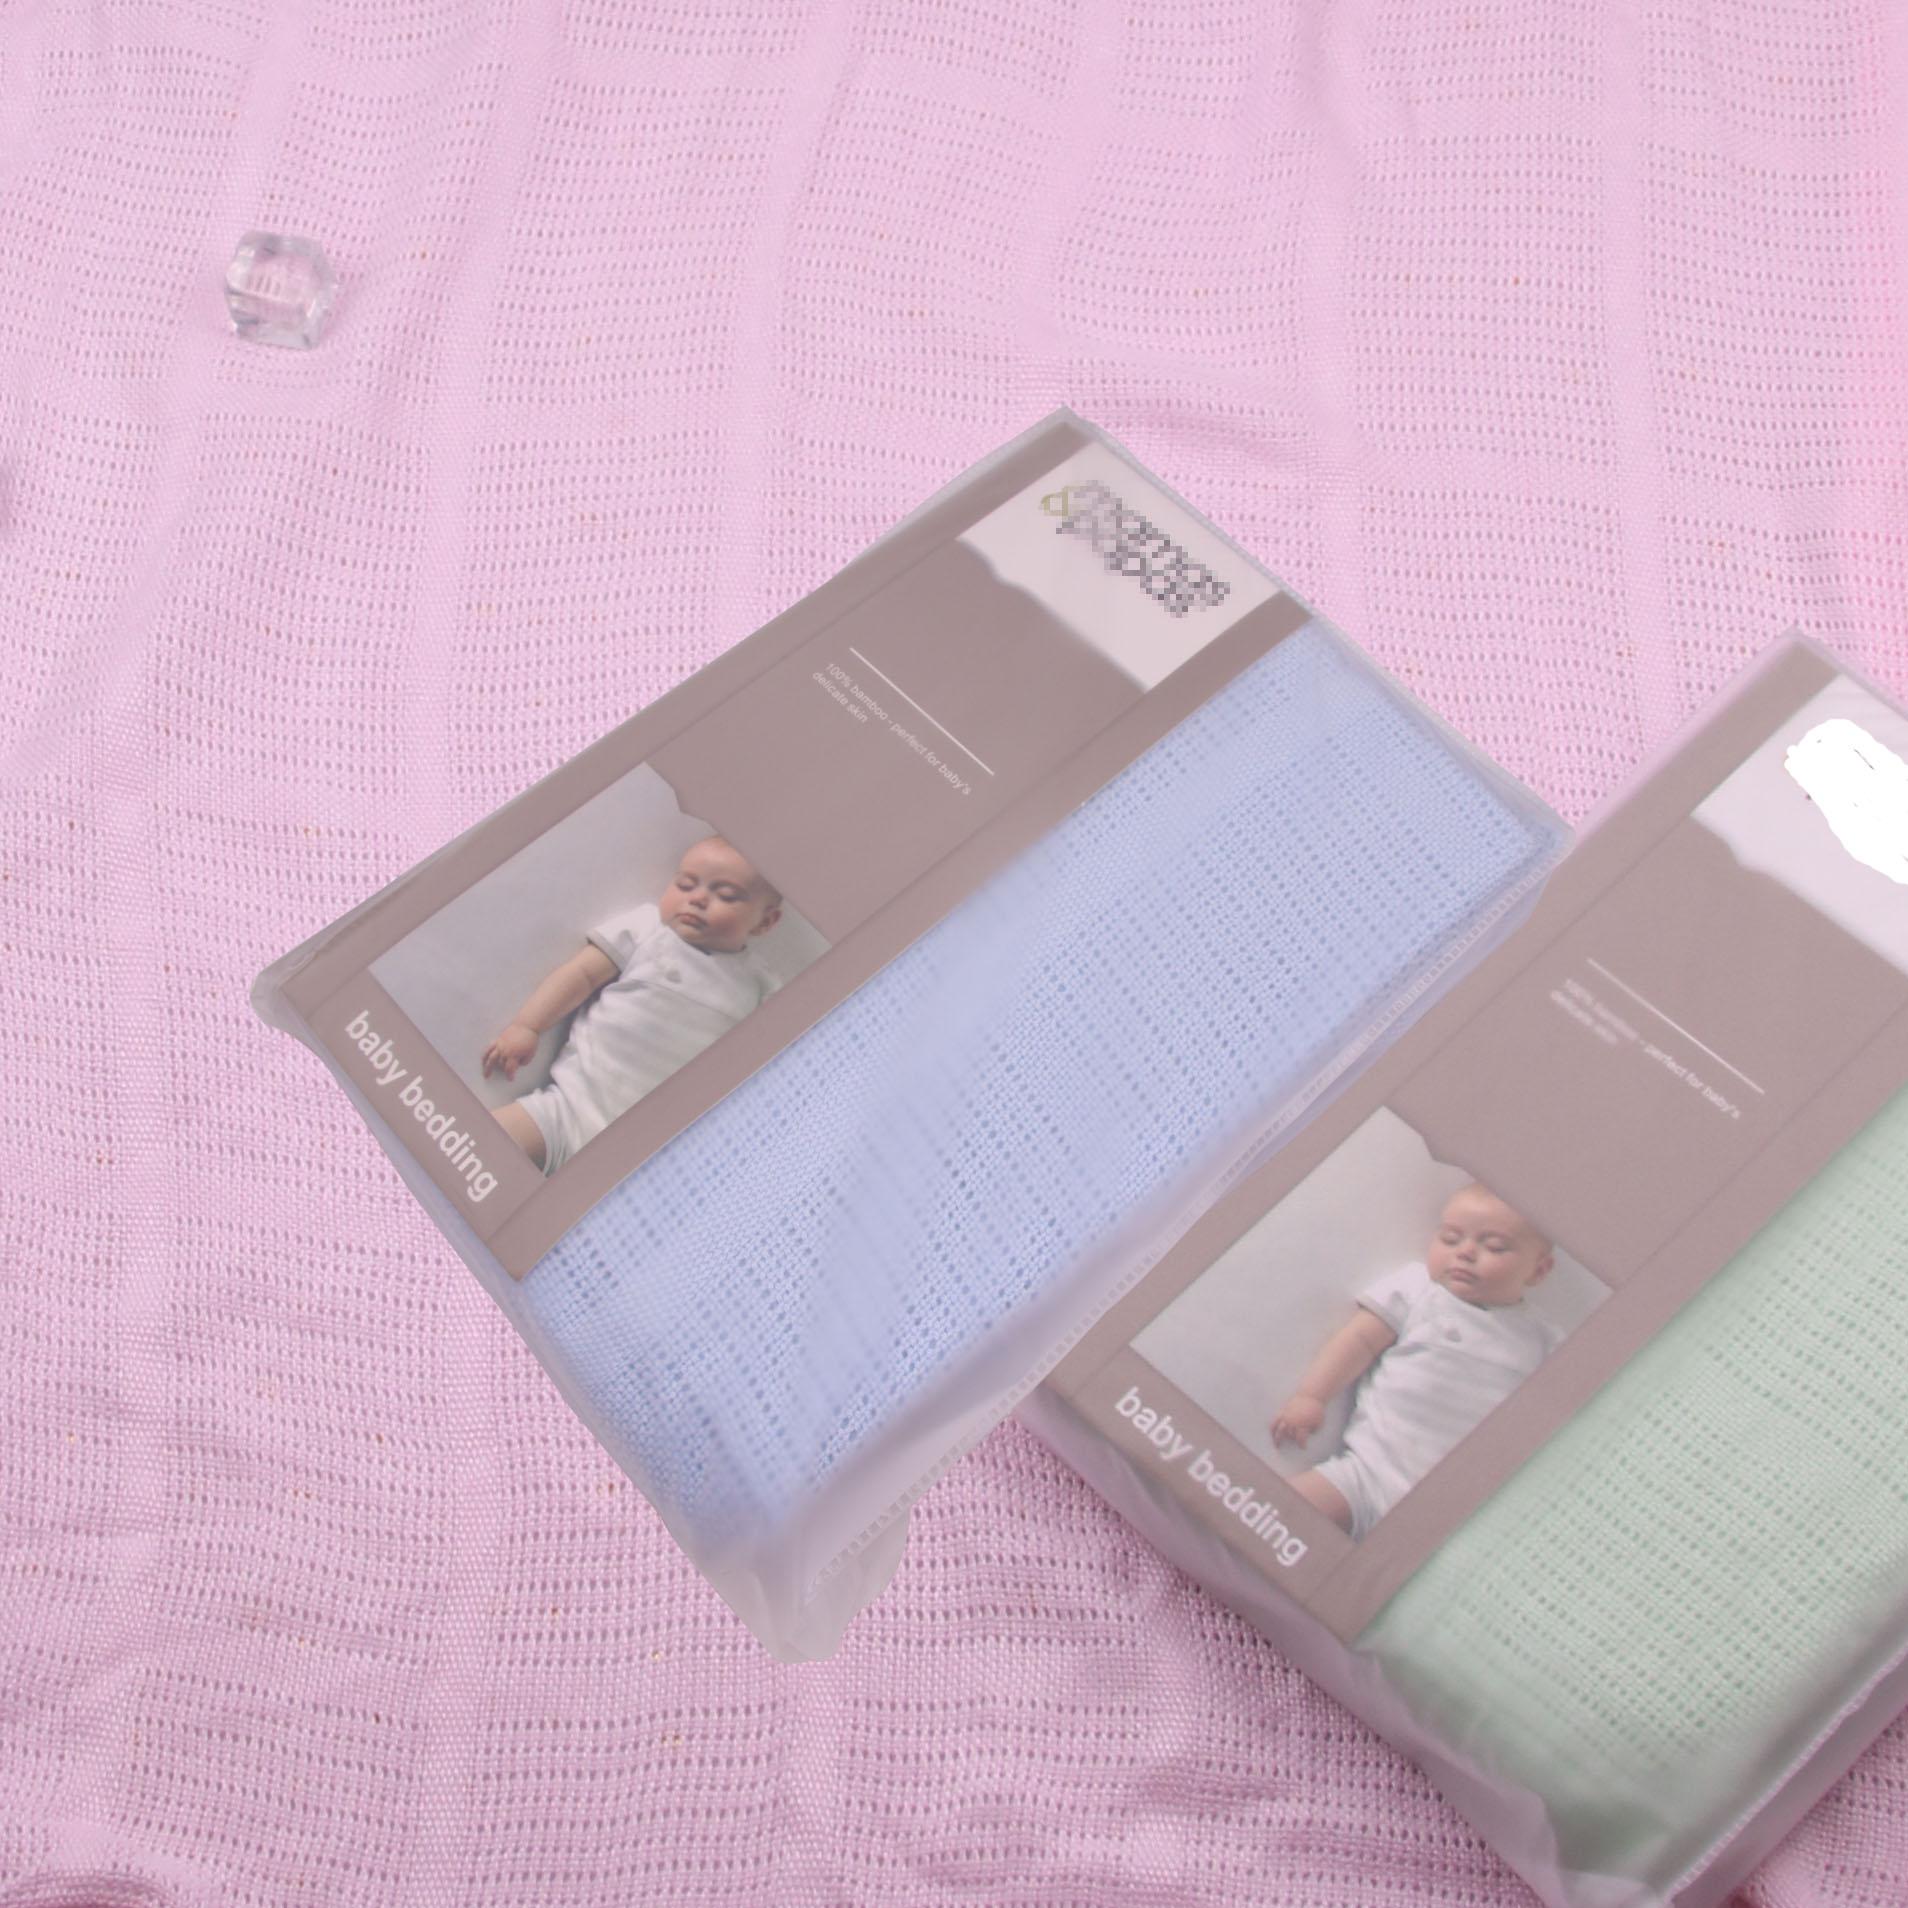 Couverture de bébé cellulaire douce pépinière bébé couverture de bambou couverture de bébé tricoté nouveau-né lange d'emmaillotage infantile respirant bébé literie